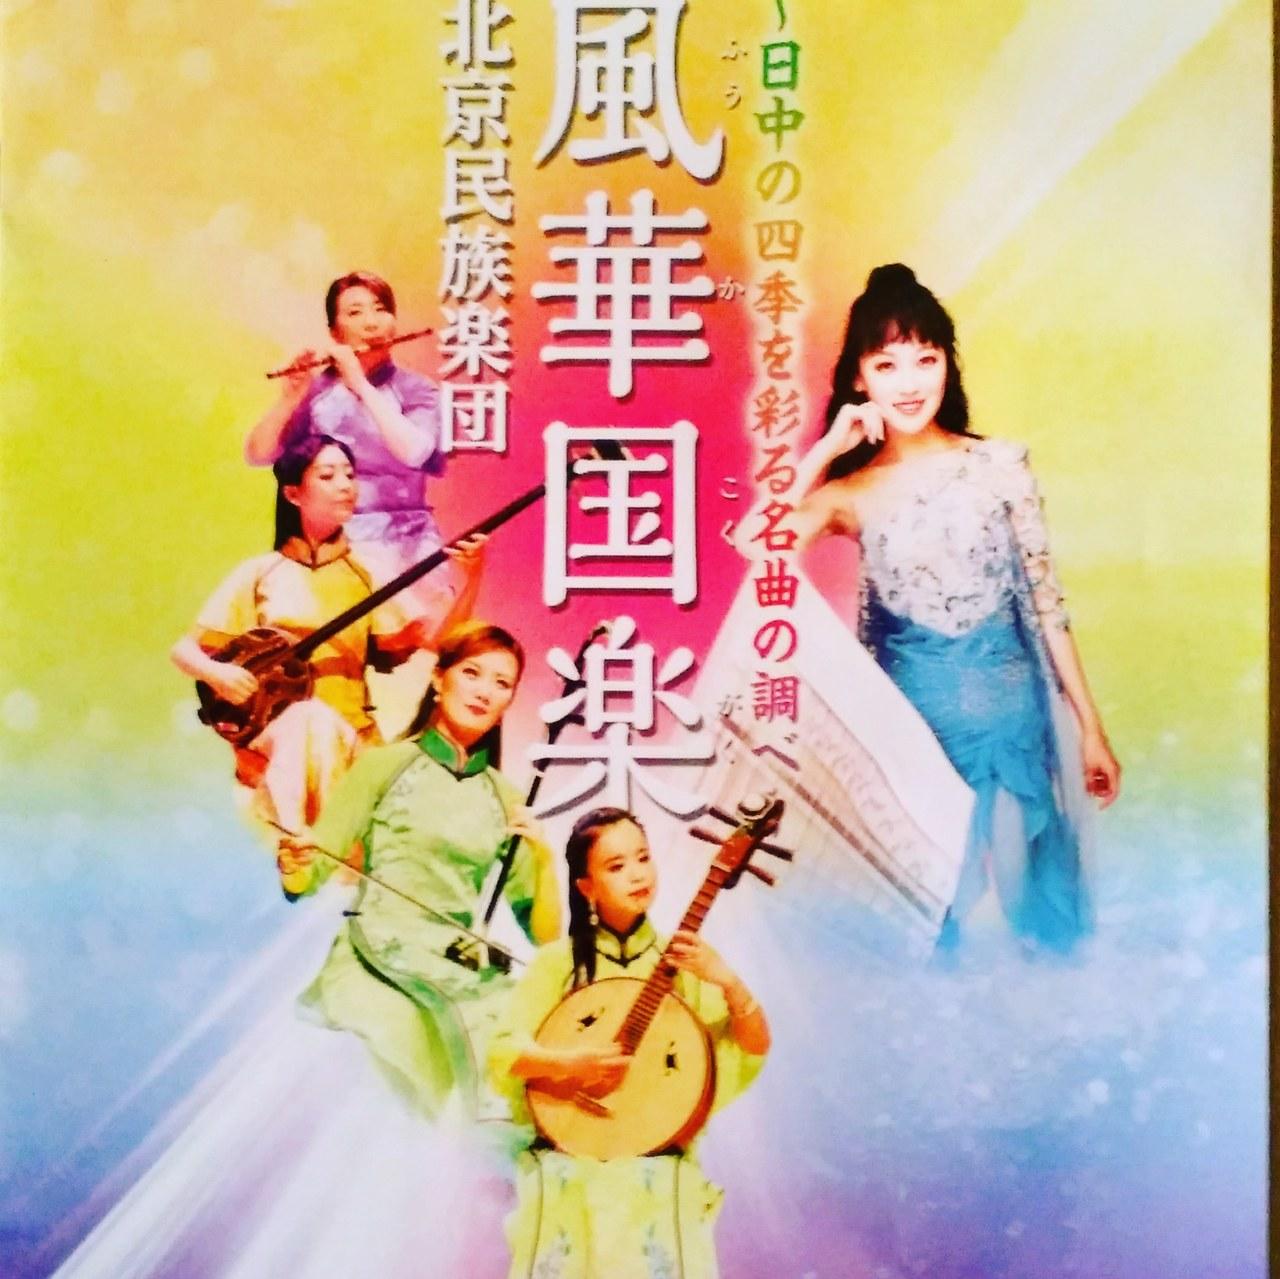 長崎創価学会 民音・北京民族楽団公演 「風華国楽」